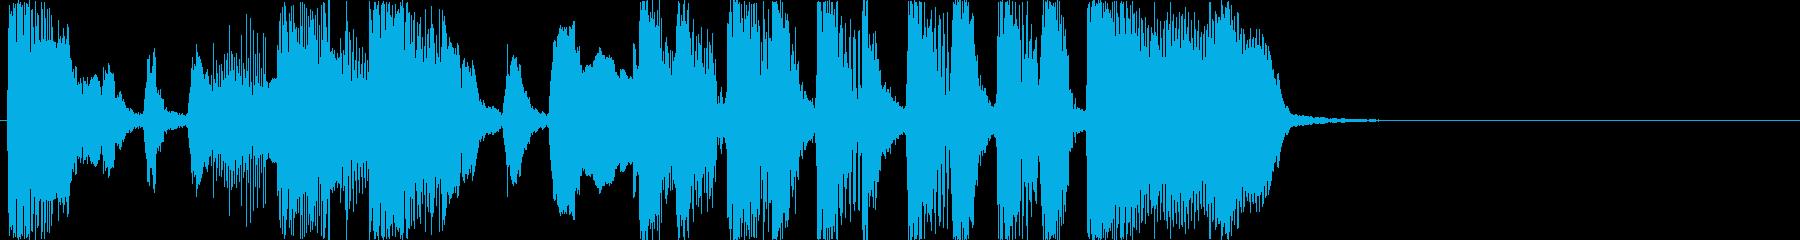 おもしろジングル/オープニング1の再生済みの波形